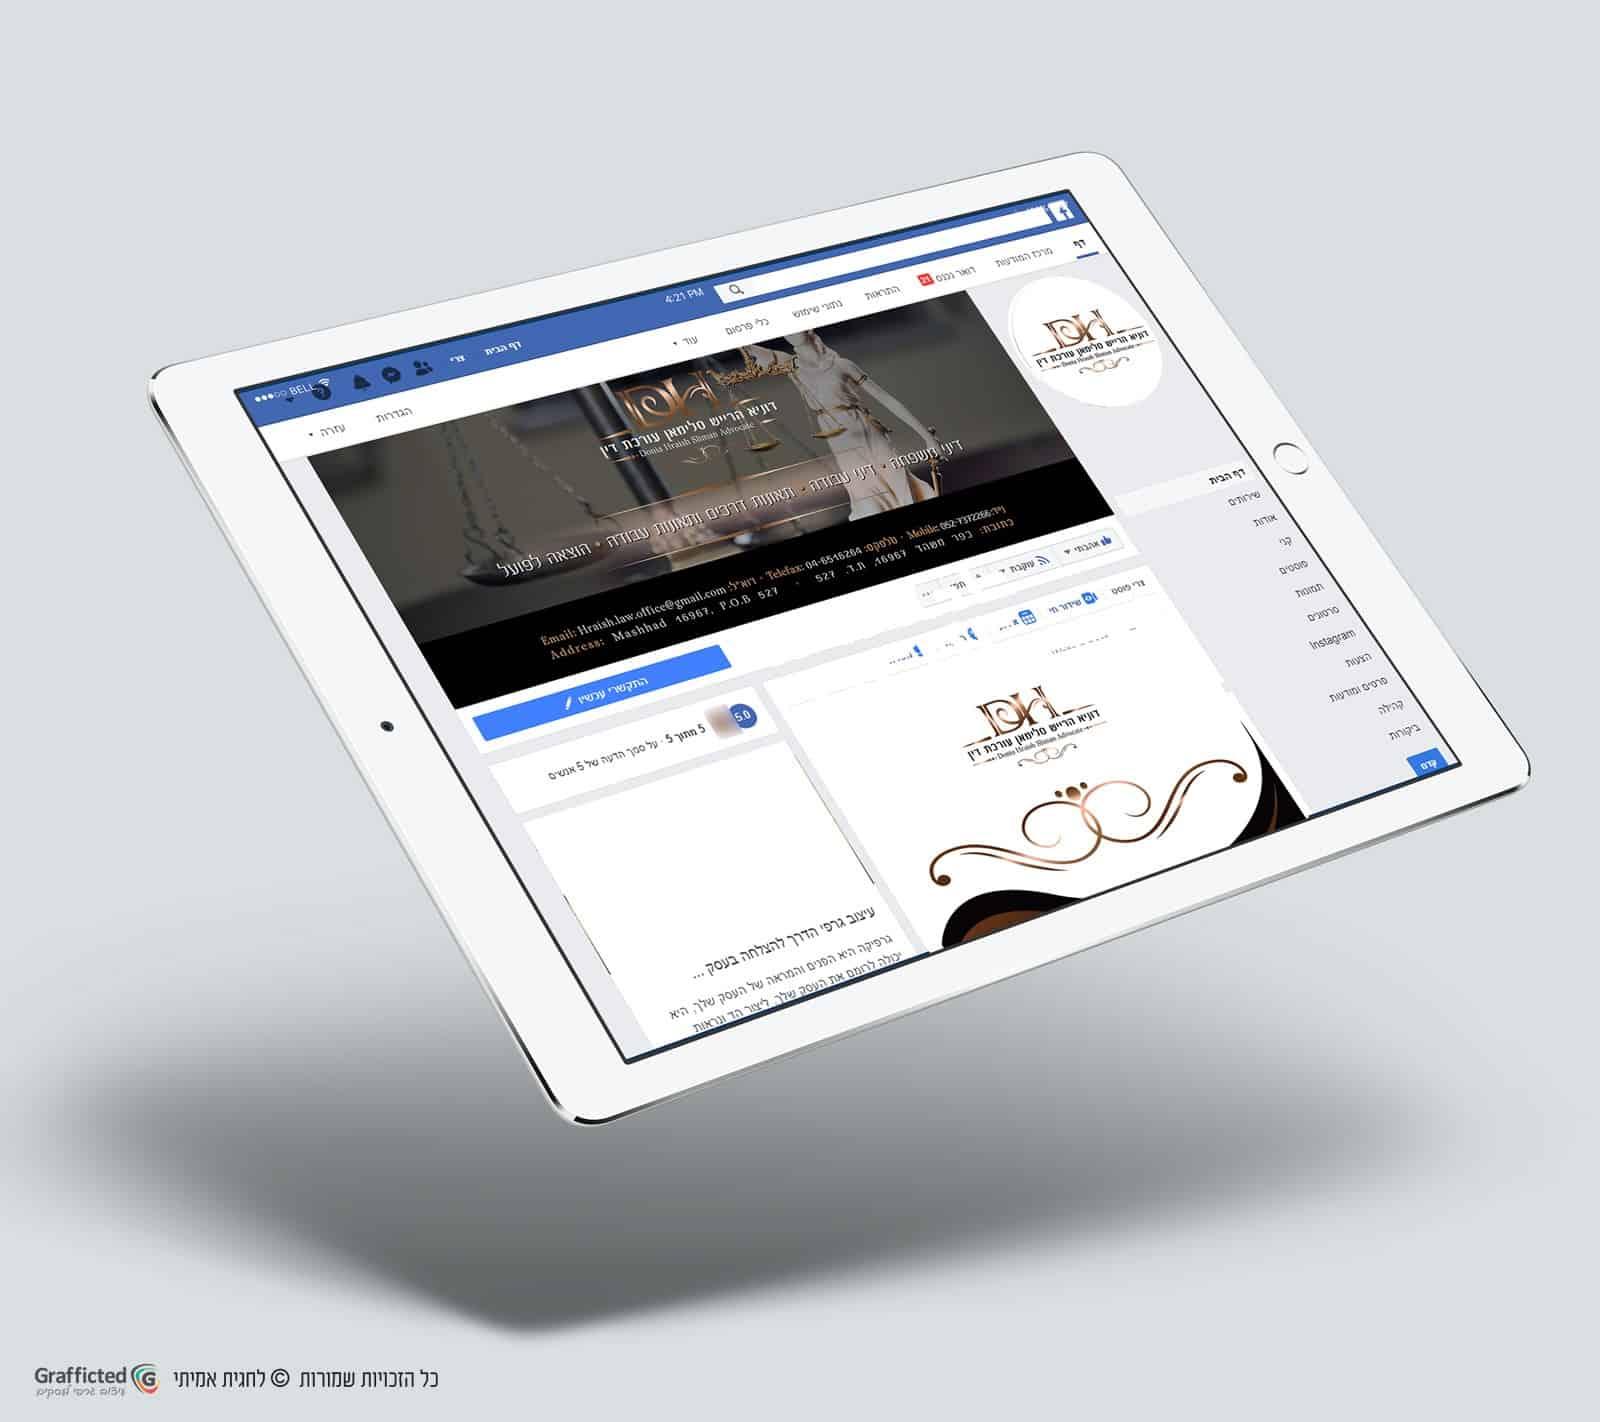 עיצוב לפייסבוק למשרד עורכי-דין דוניא-הרייש